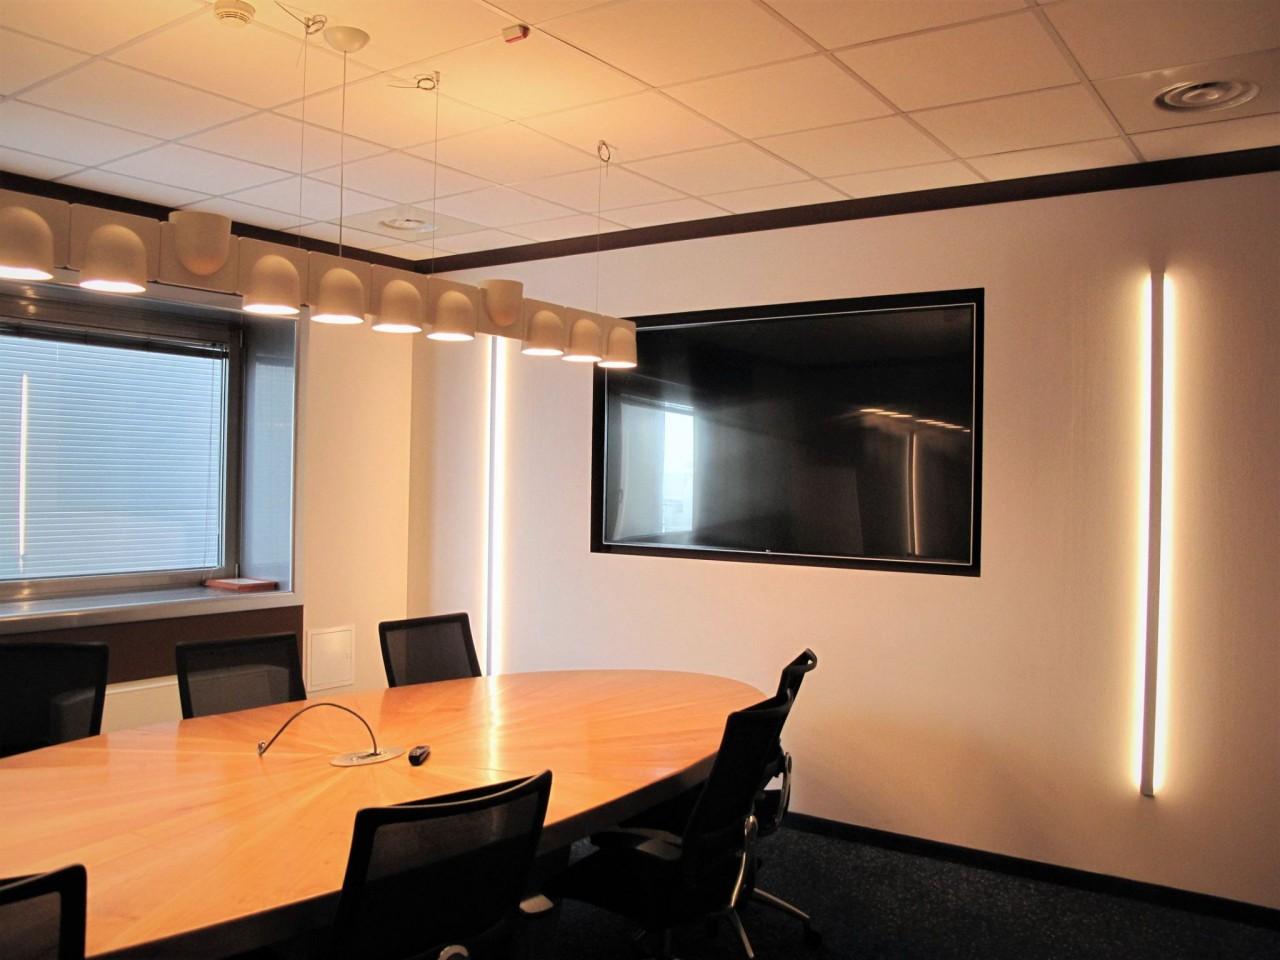 Illuminazione sala riunioni progetti illuminazione torino